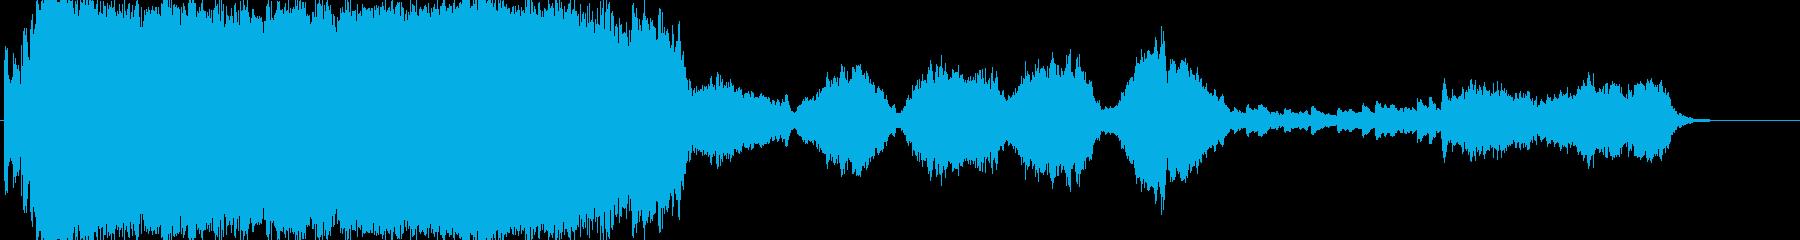 現代的 交響曲 オペラ プログレッ...の再生済みの波形